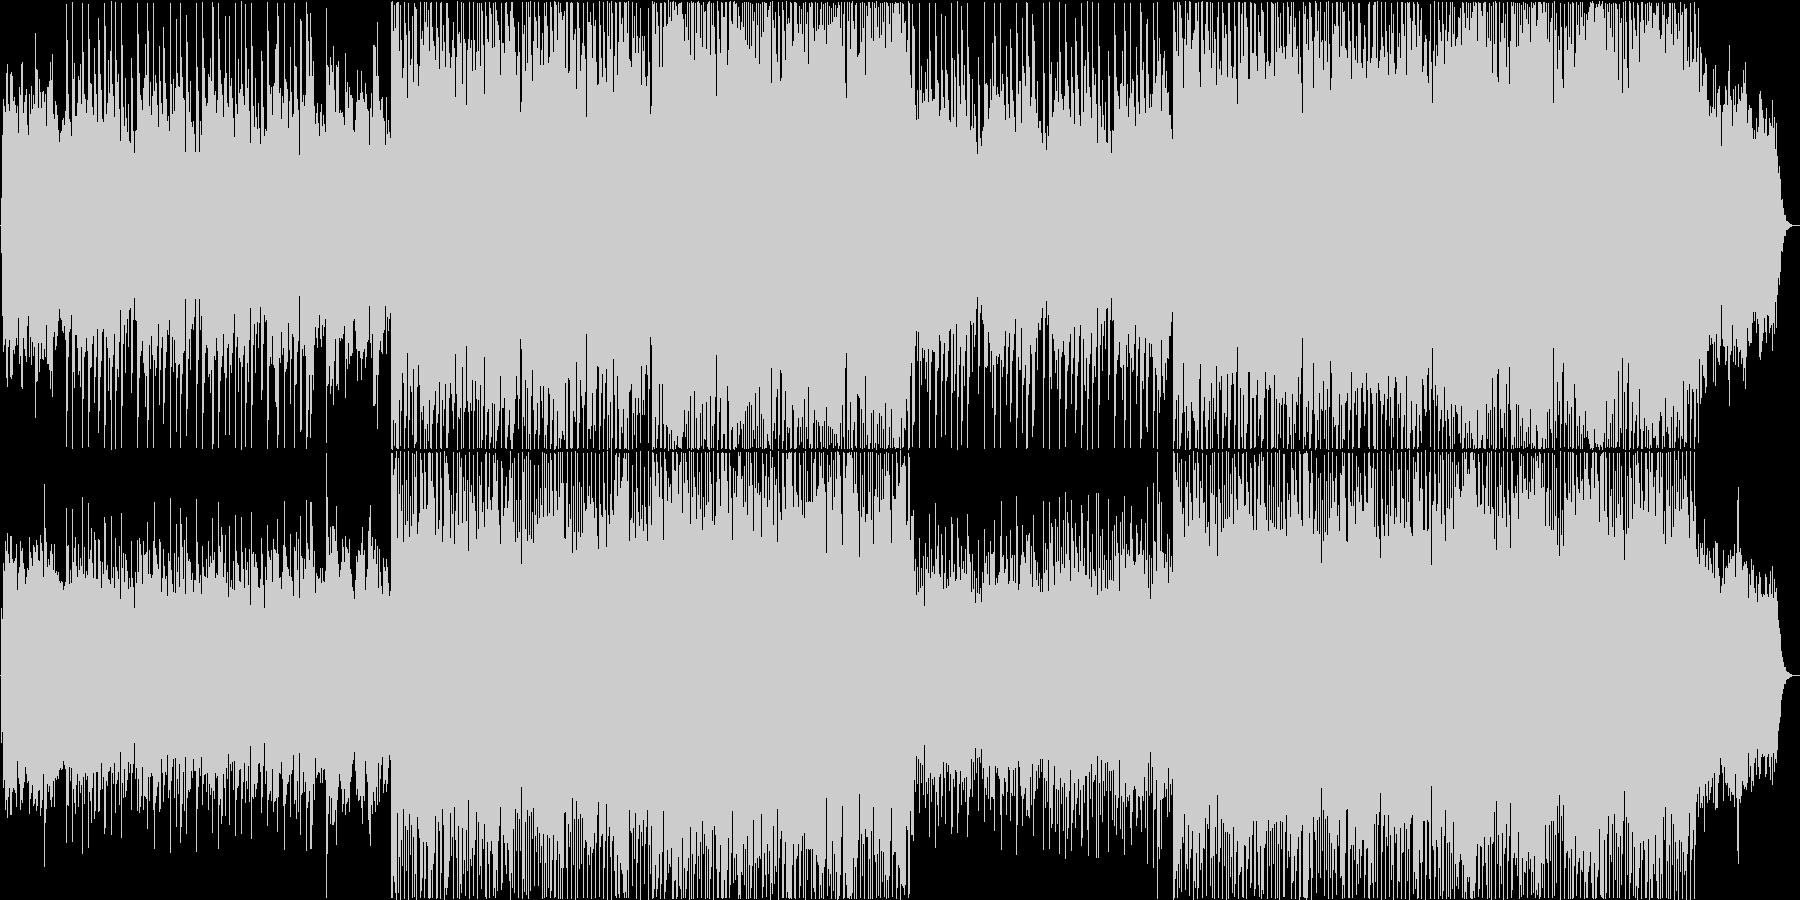 力強くスピード感溢れるコーポレートロックの未再生の波形